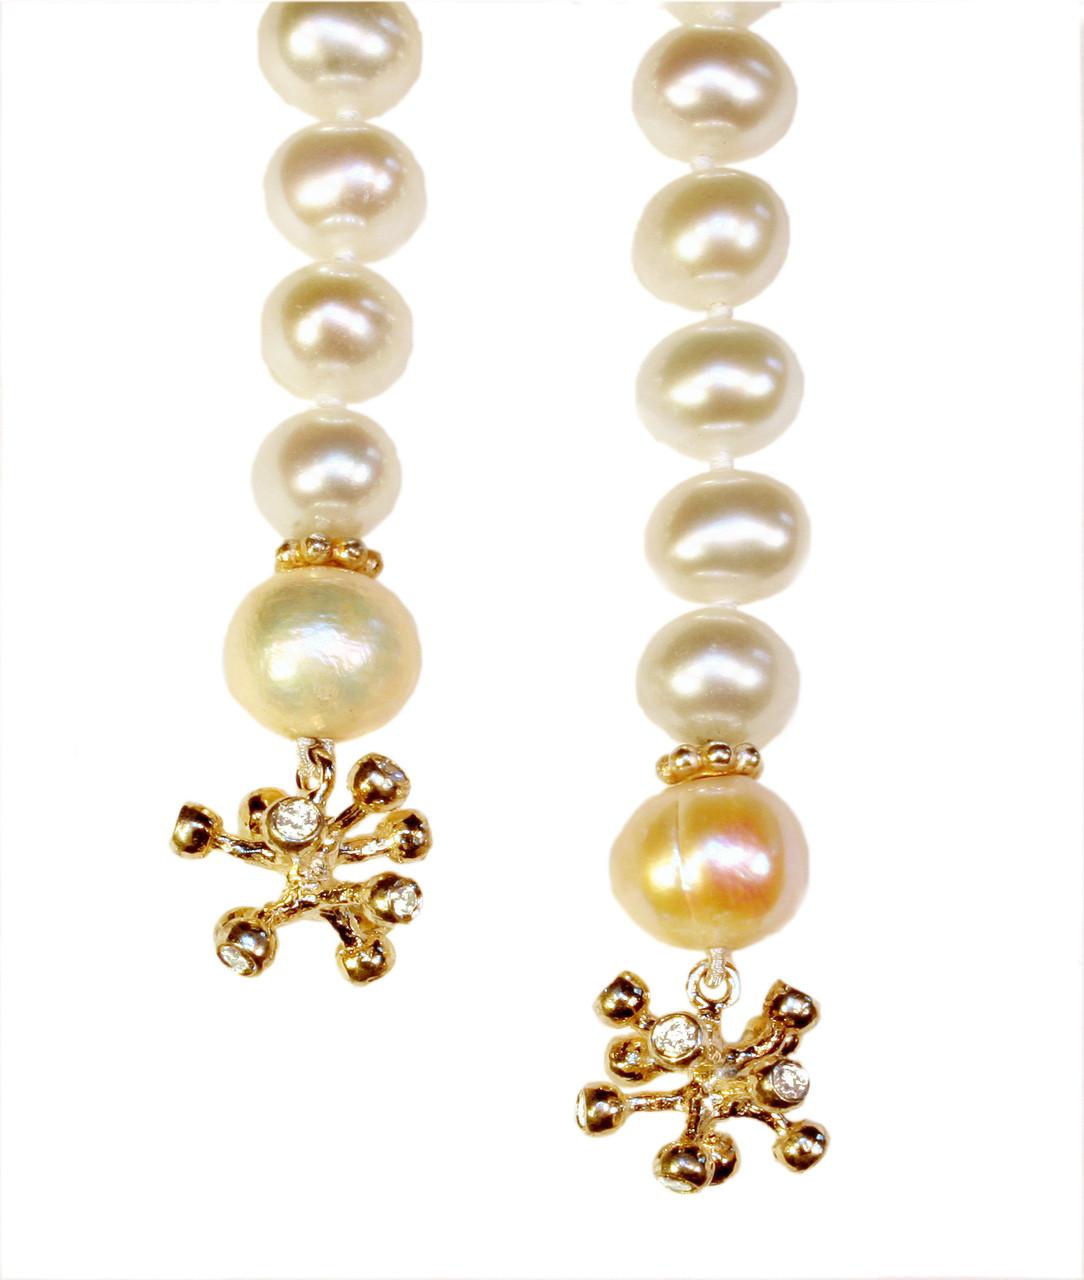 Pearl Lariat-Starburst tips in 18K and diamonds